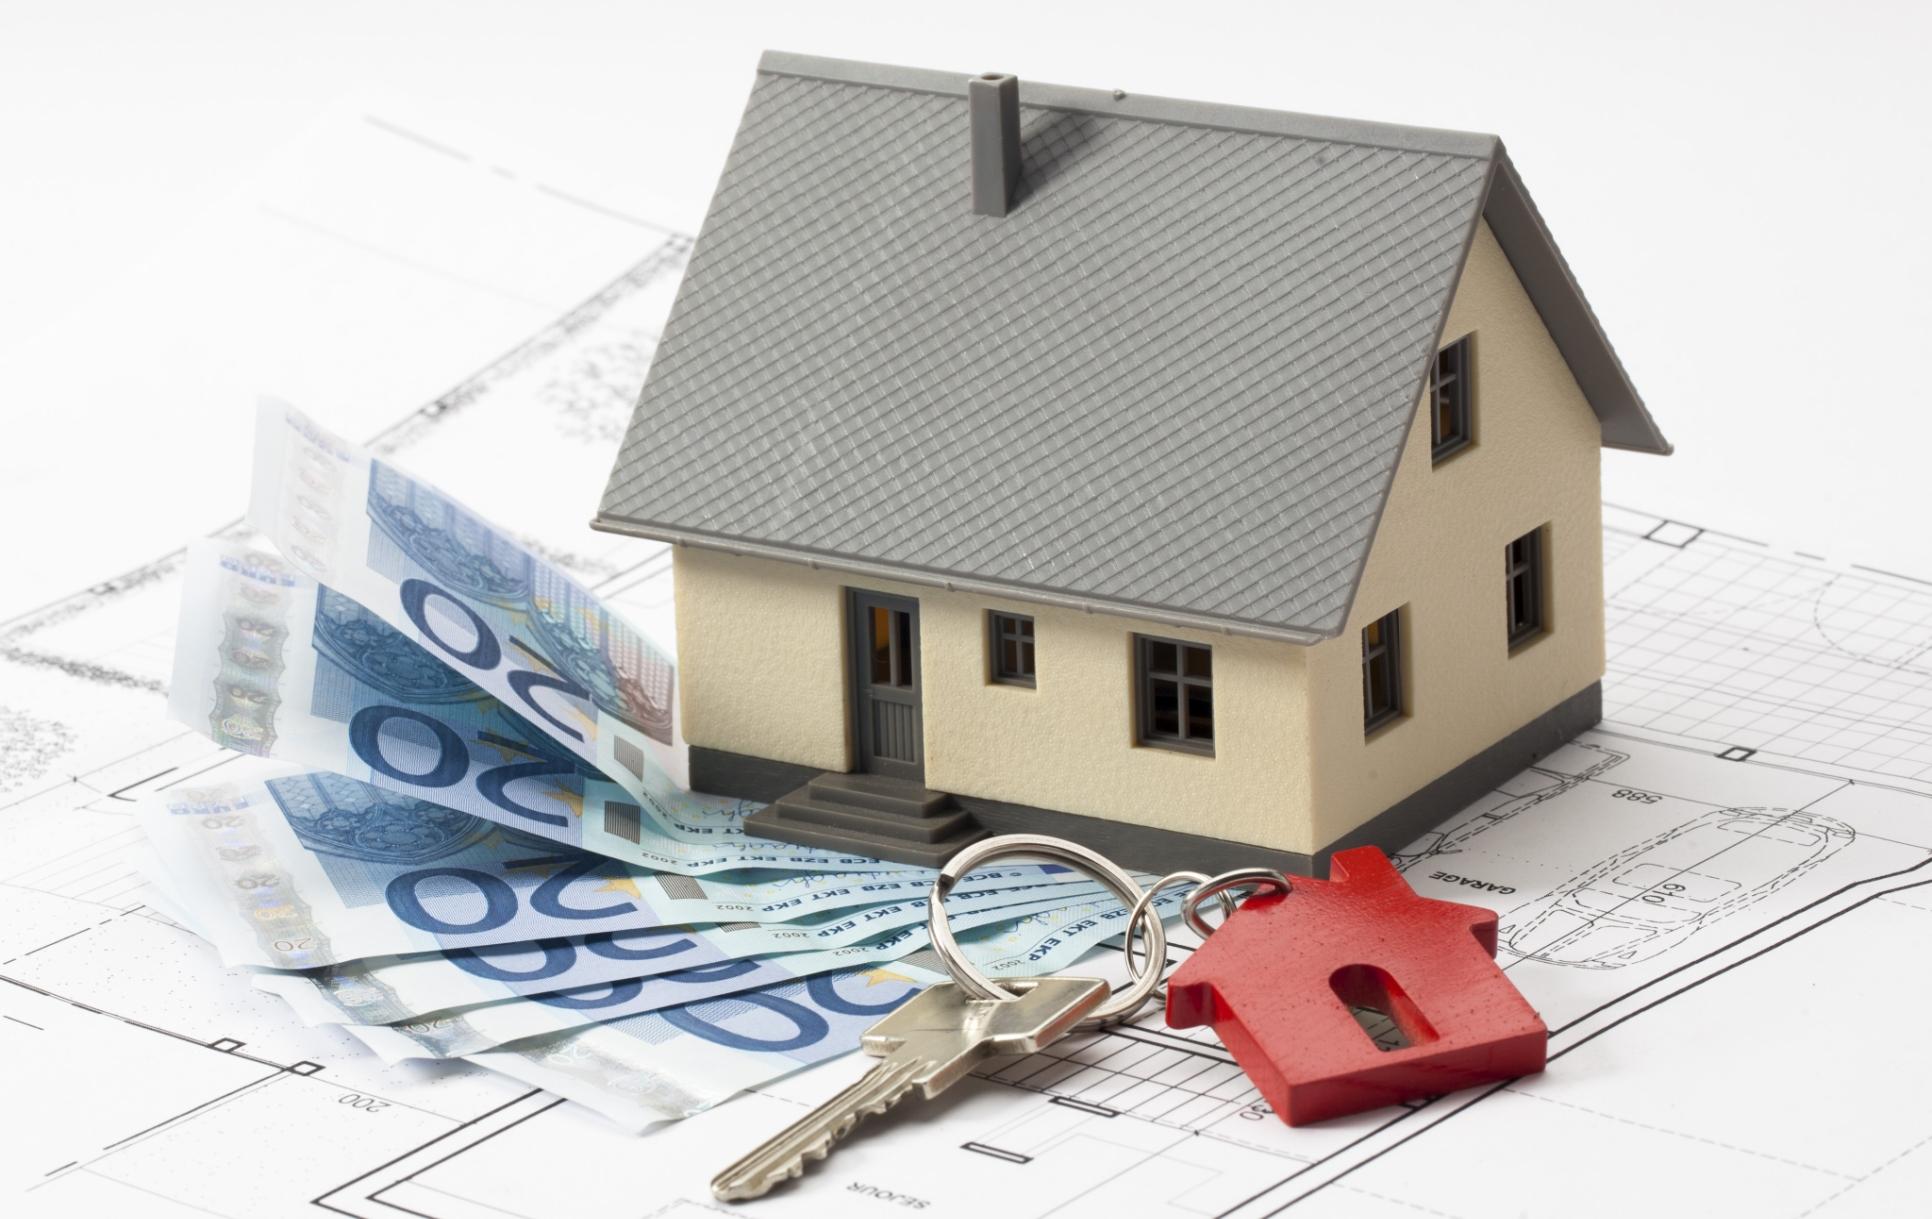 Mutui dopo 18 rate non pagate arriva il pignoramento - Non arriva gas in casa ...